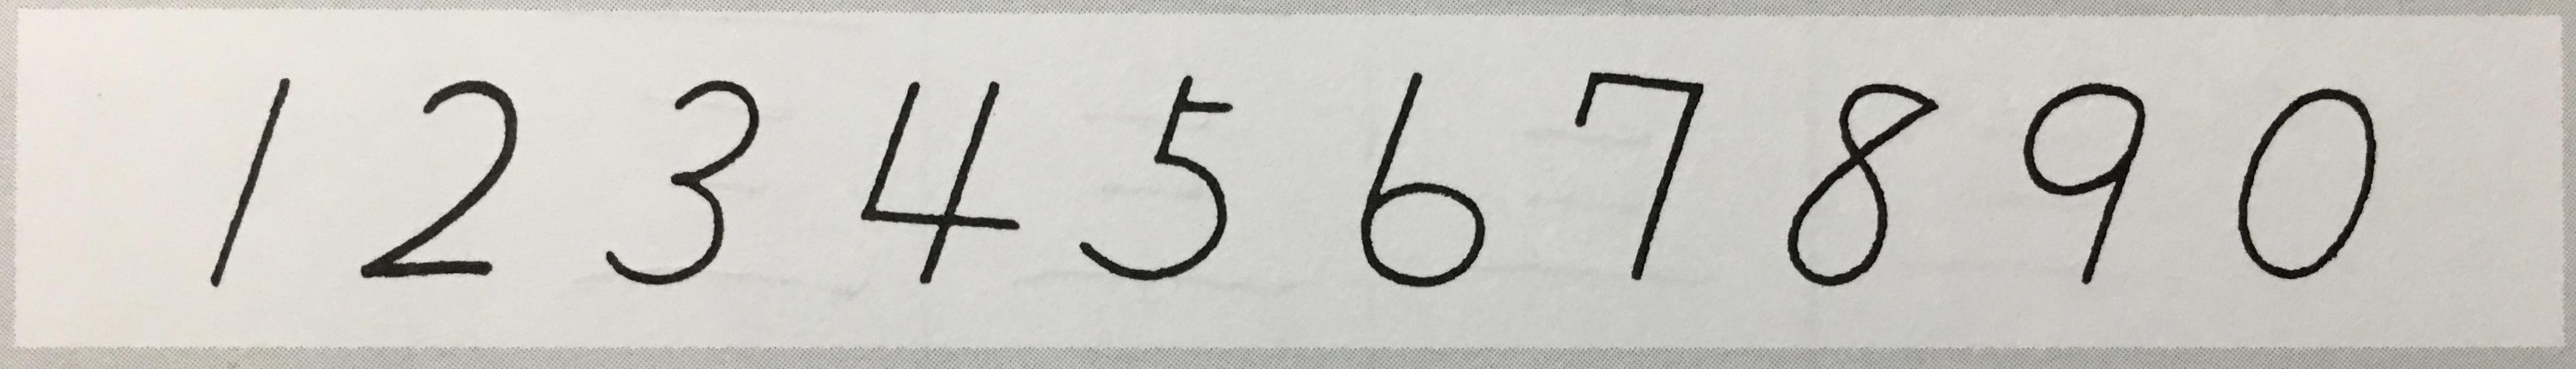 数字(20度)